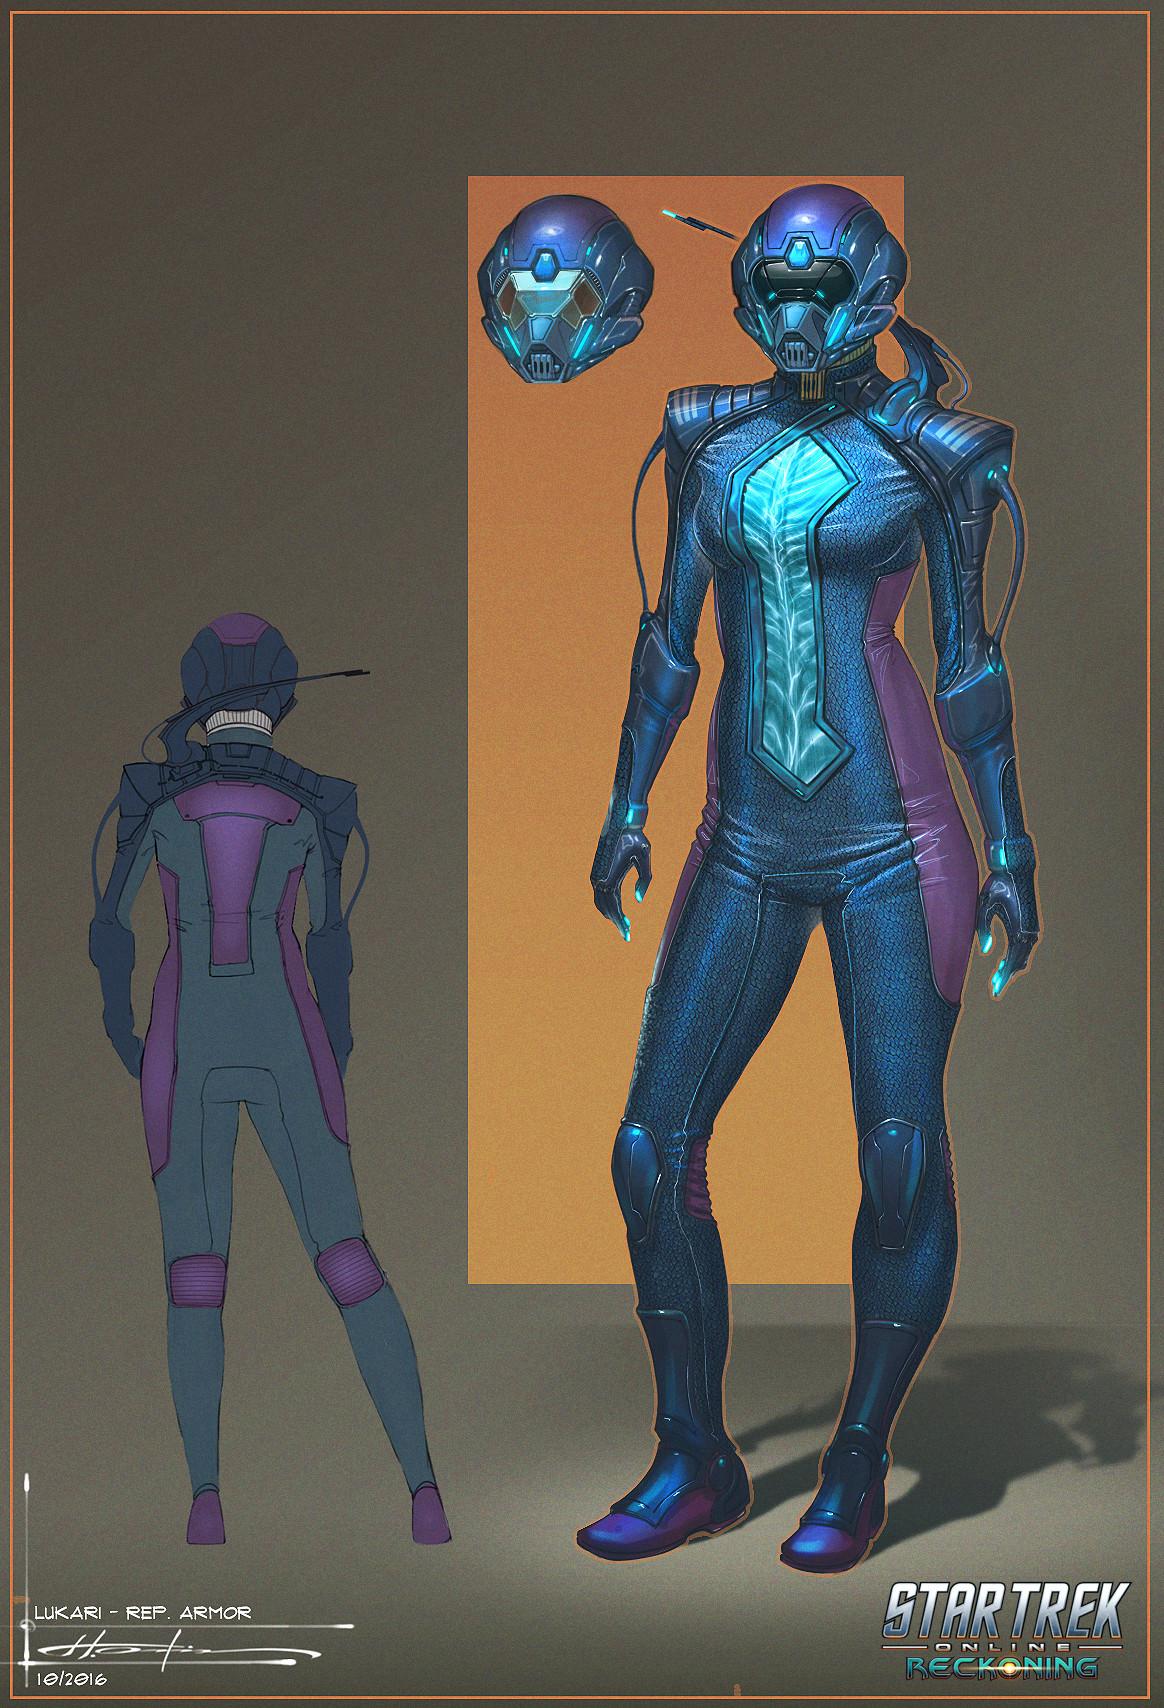 Artstation Lukari Armor Suit Star Trek Online Hector Ortiz